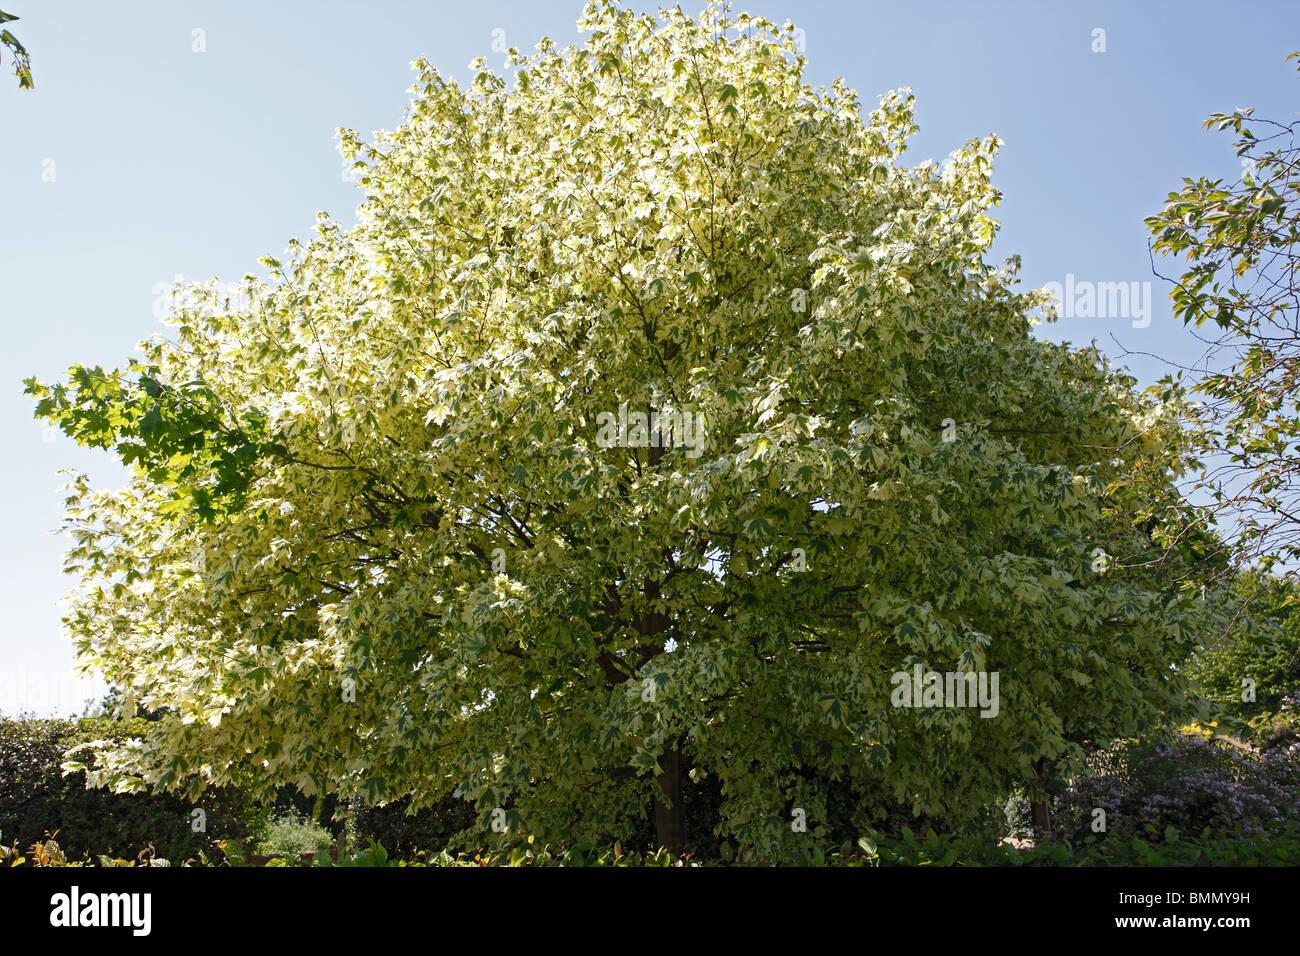 Variegated Tree Leaf Stock Photos & Variegated Tree Leaf Stock ...